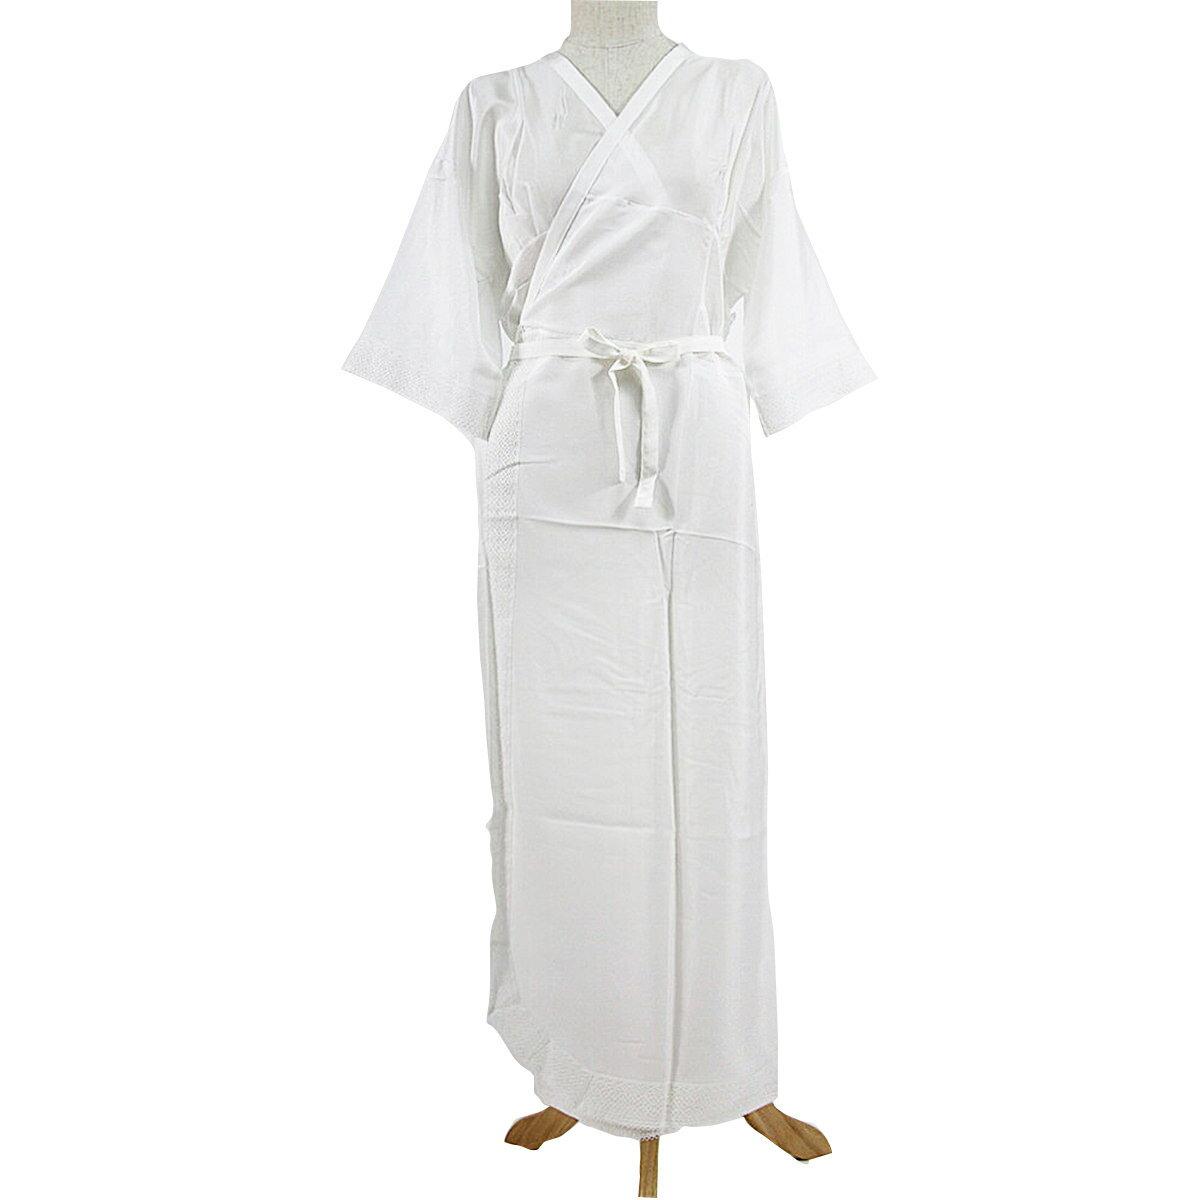 正絹 スリップ M Lサイズ 白 絹ばら グンゼ 絹100% ウォッシャブルシルク スリップ 着物スリップ 和装下着 ゆかたスリップ 着付け 着物 長襦袢 和装肌着 レディース 婦人 ブランド kim